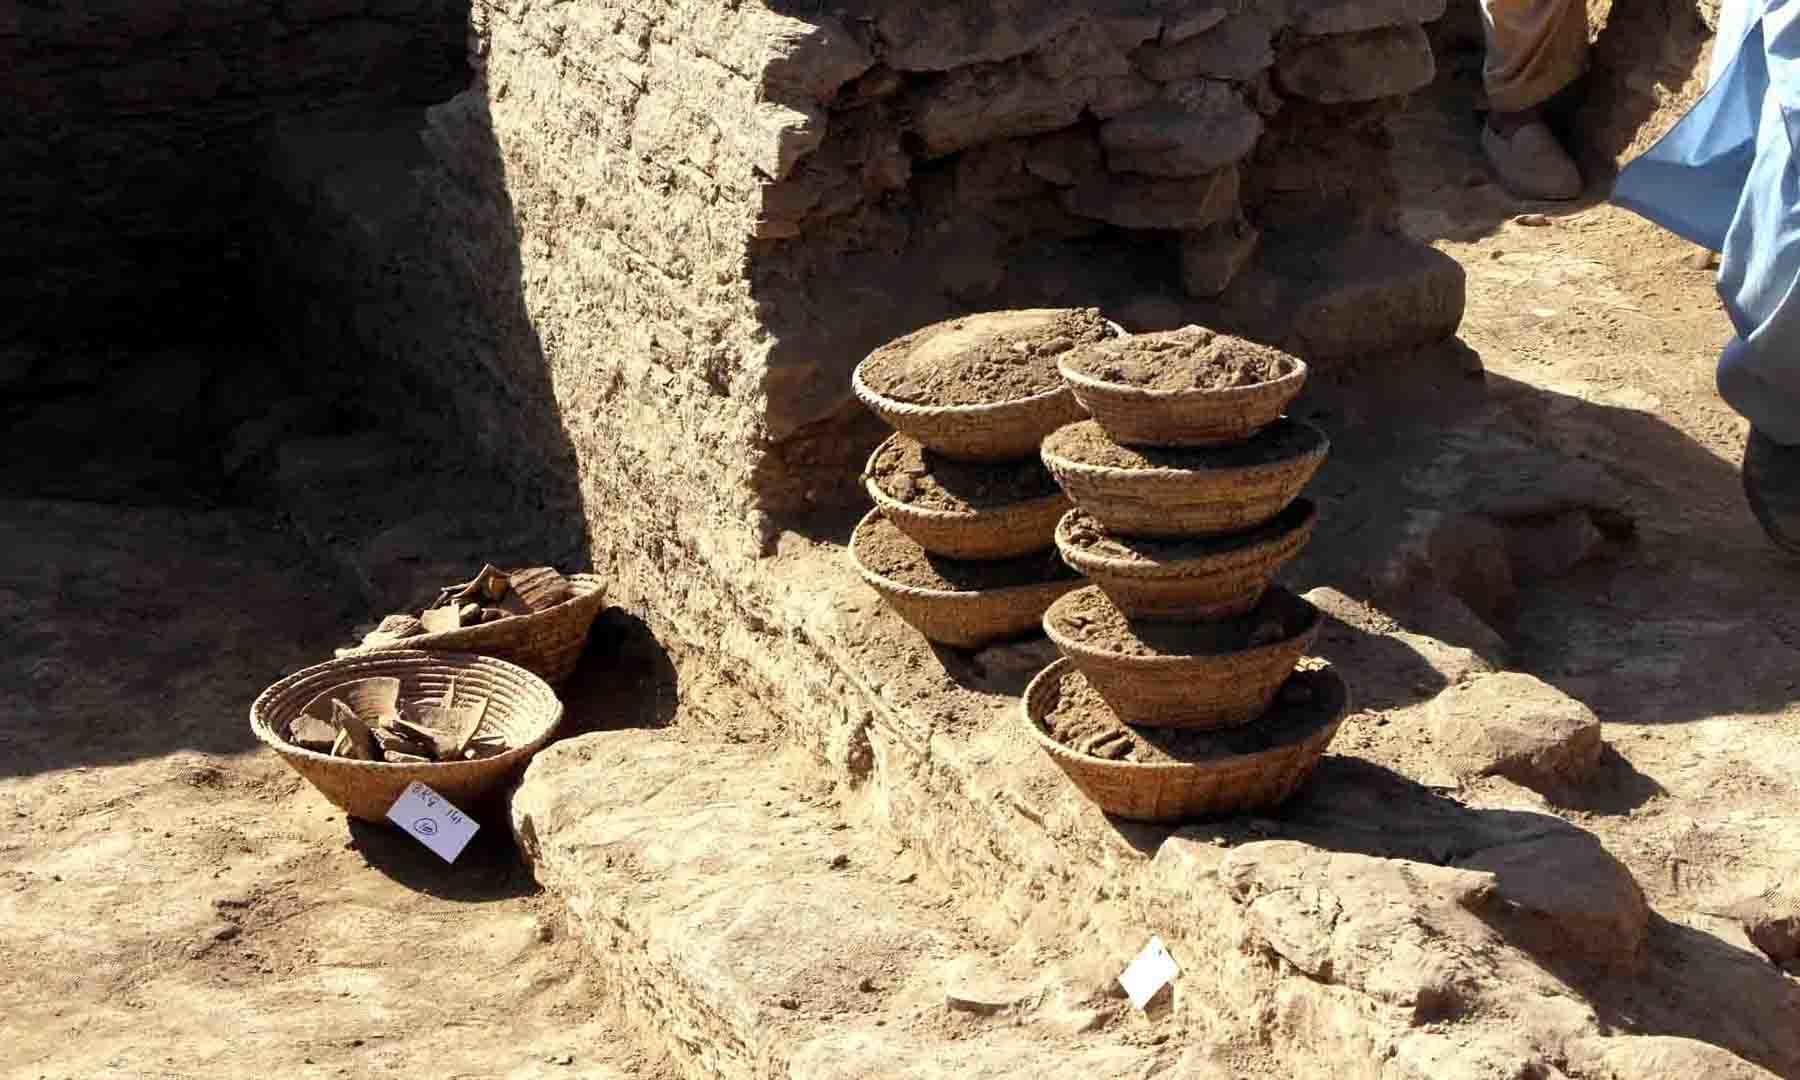 مندر سے ملنے والی دیگر مختلف آثار